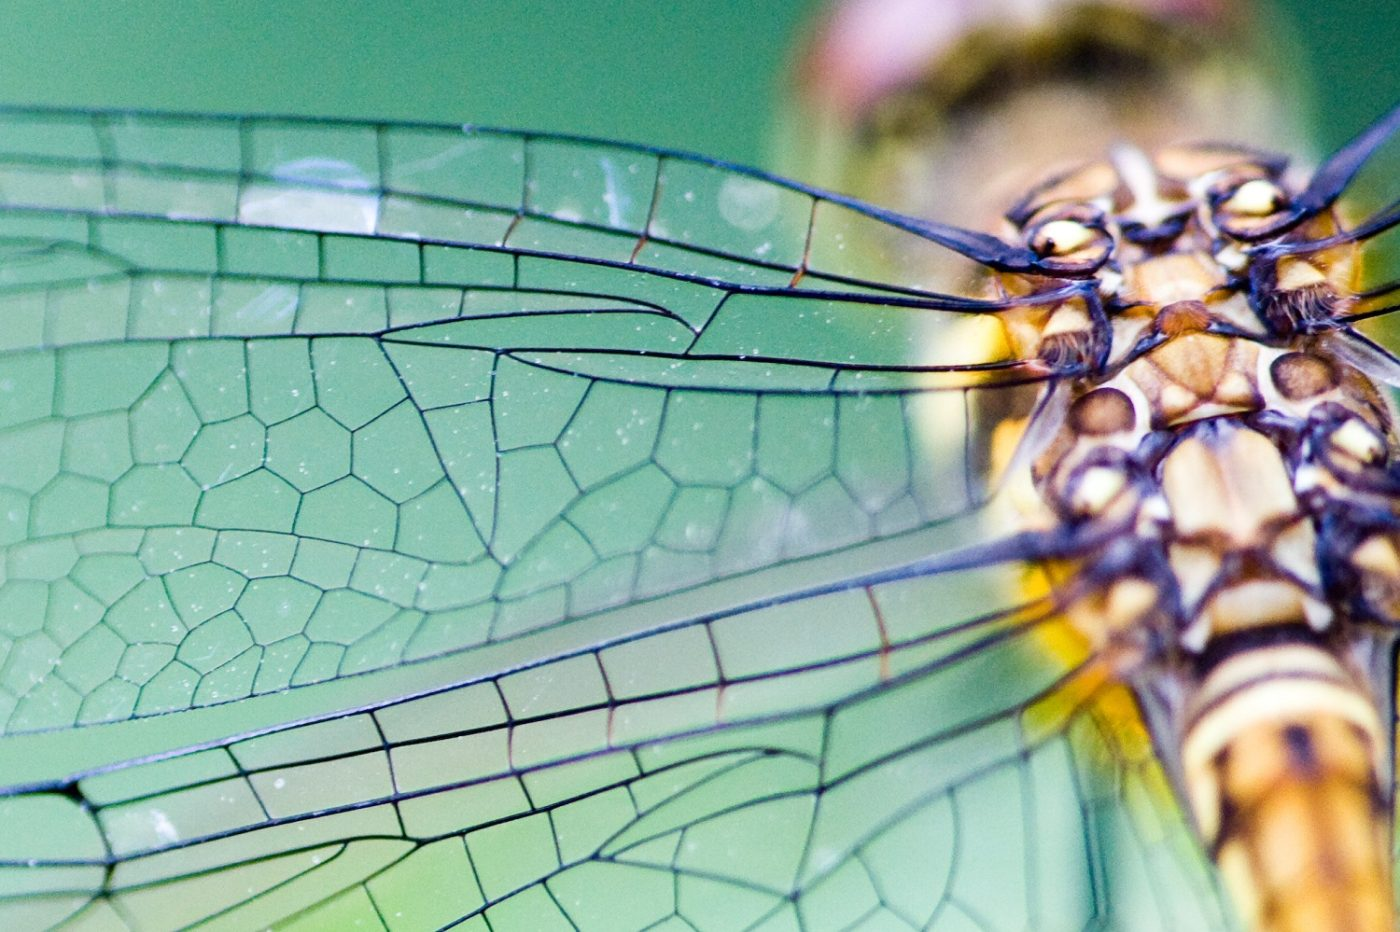 A libélula é um exemplo da aplicação da Biomimética. Seu movimento inspirou o estudo de micro veículos aéreos não tripulados.